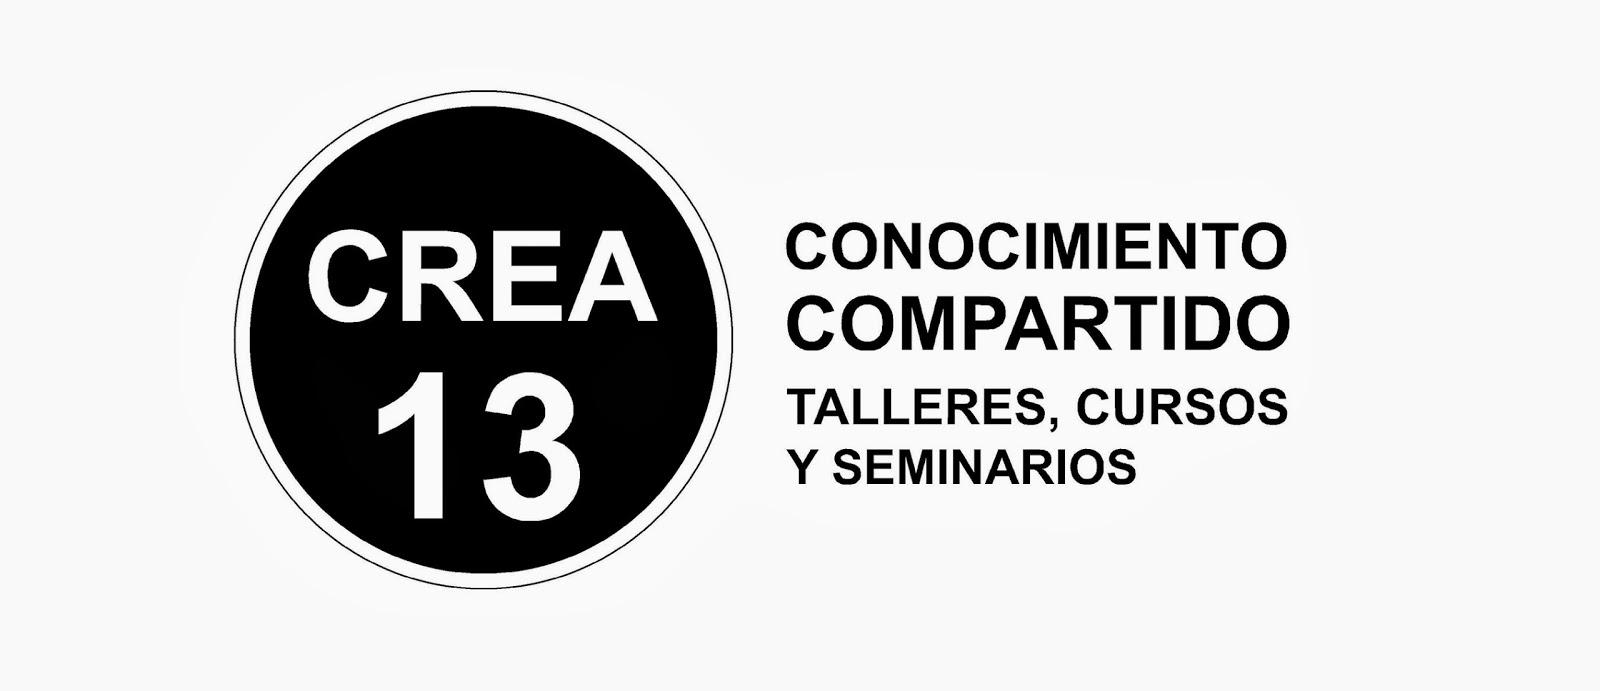 http://crea13dibujopinturasevilla.blogspot.com.es/